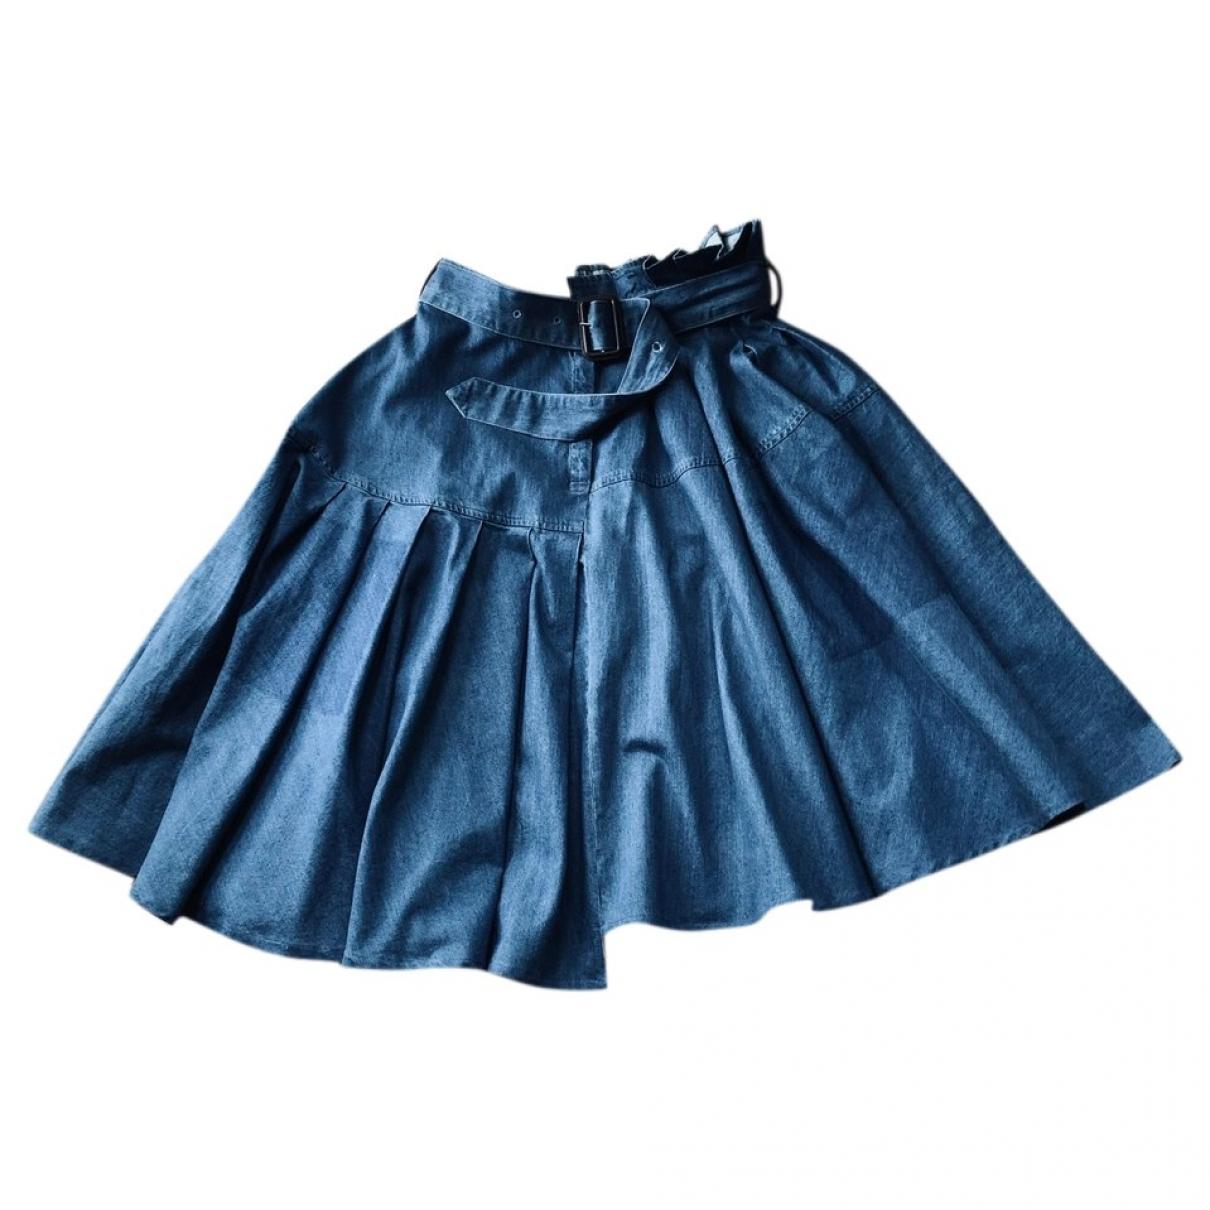 J.w. Anderson \N Blue Denim - Jeans skirt for Women 8 US